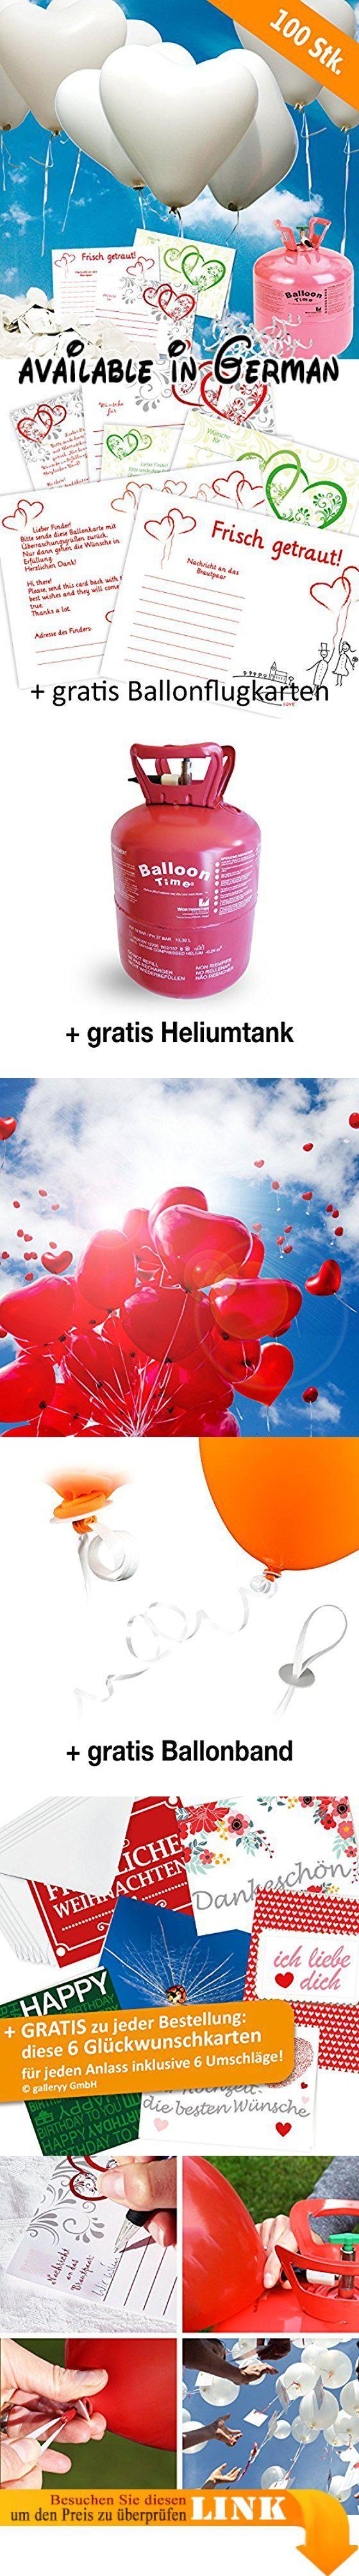 100 Herzballons Hochzeit WEISS Komplettset: 100 Herzluftballons + Helium Einwegflasche + 100 Ballonflugkarten für Luftballons zur Hochzeit. Sie erhalten: 100x weiße Herz Luftballons zur Hochzeit (Ø ca. 30 cm XL, Flugdauer mit Flugkarte: ca. 6-10h), PORTOFREI als KOMPLETTSET mit Premium Heliumgas (Einwegflasche inkl. Ventil) + Ballonflugkarten zum Steigen lassen + 100x Ballonband Polyband + 100x Schnellverschlüsse (Kein Knoten mehr notwendig). Dann einfach Paket auspacken